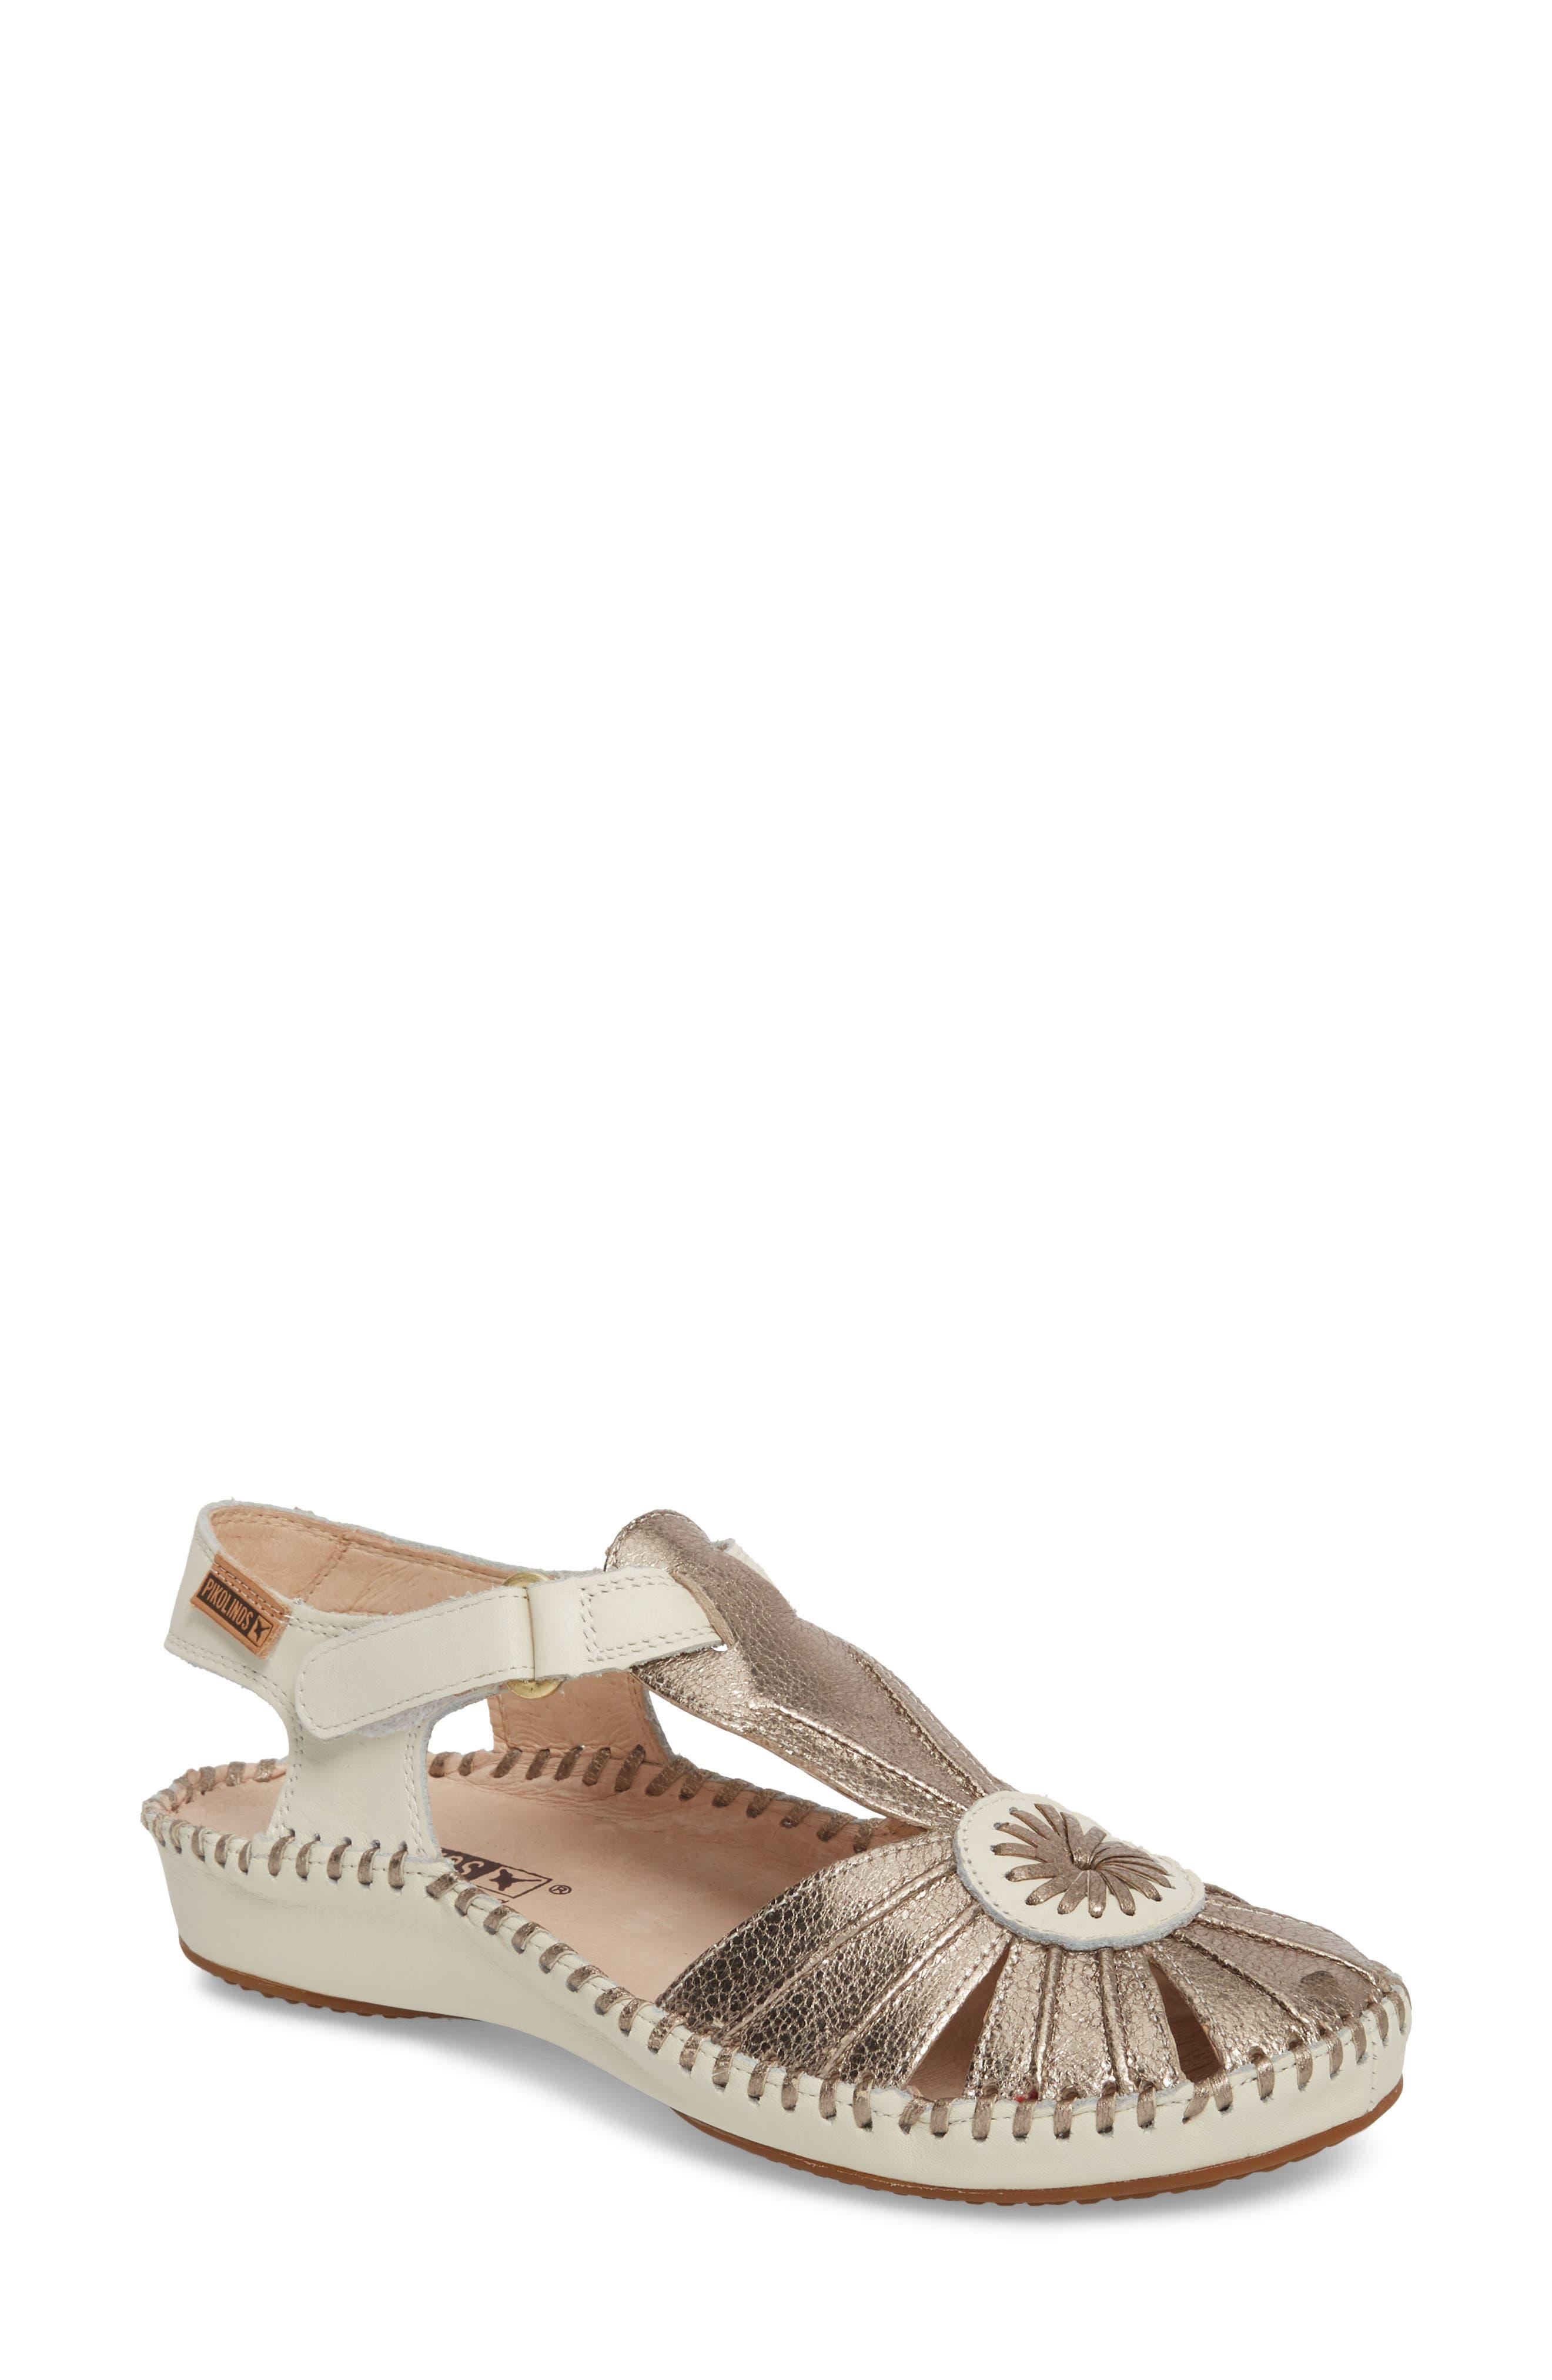 PIKOLINOS 'P. Vallerta' Leather Flat (Women)